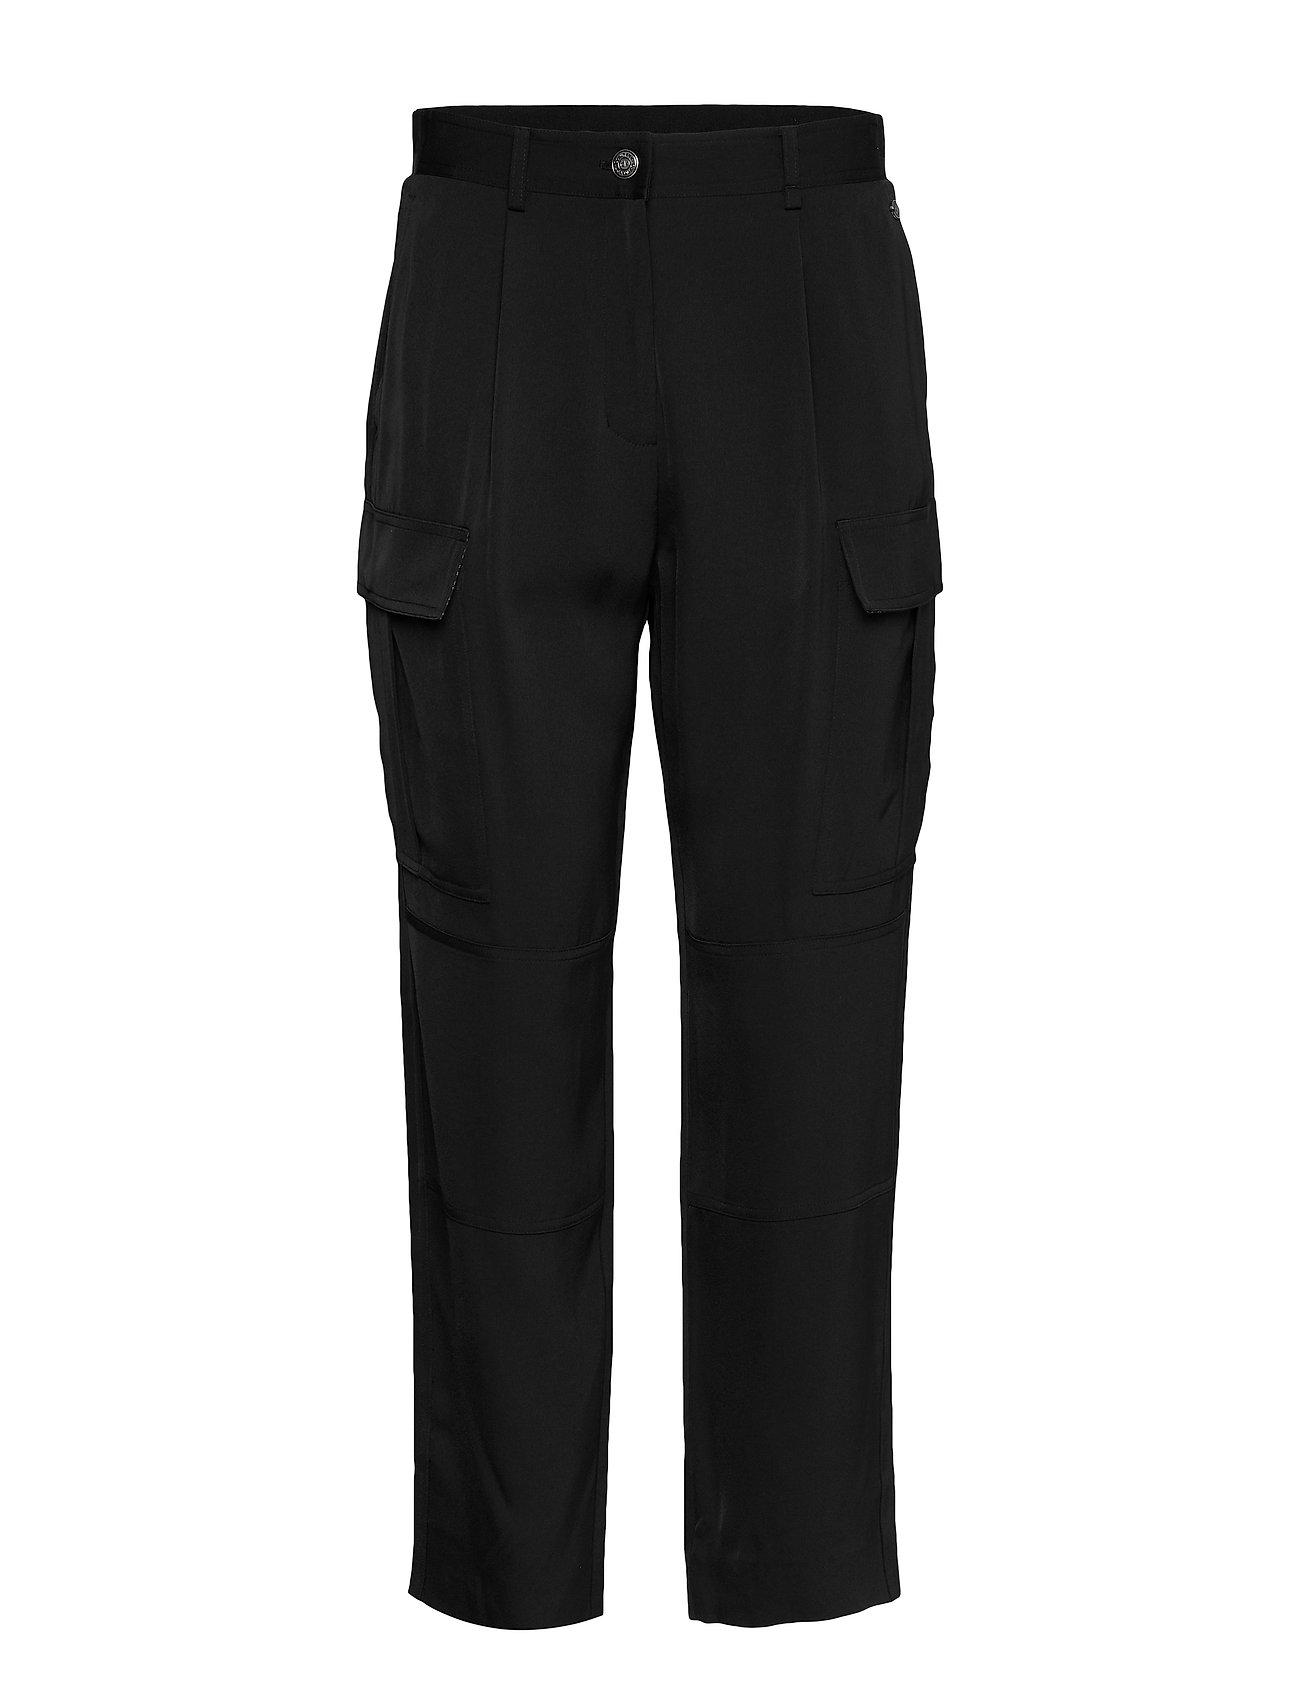 Image of Soft Cargo Pant Bukser Med Lige Ben Sort Calvin Klein (3336493793)